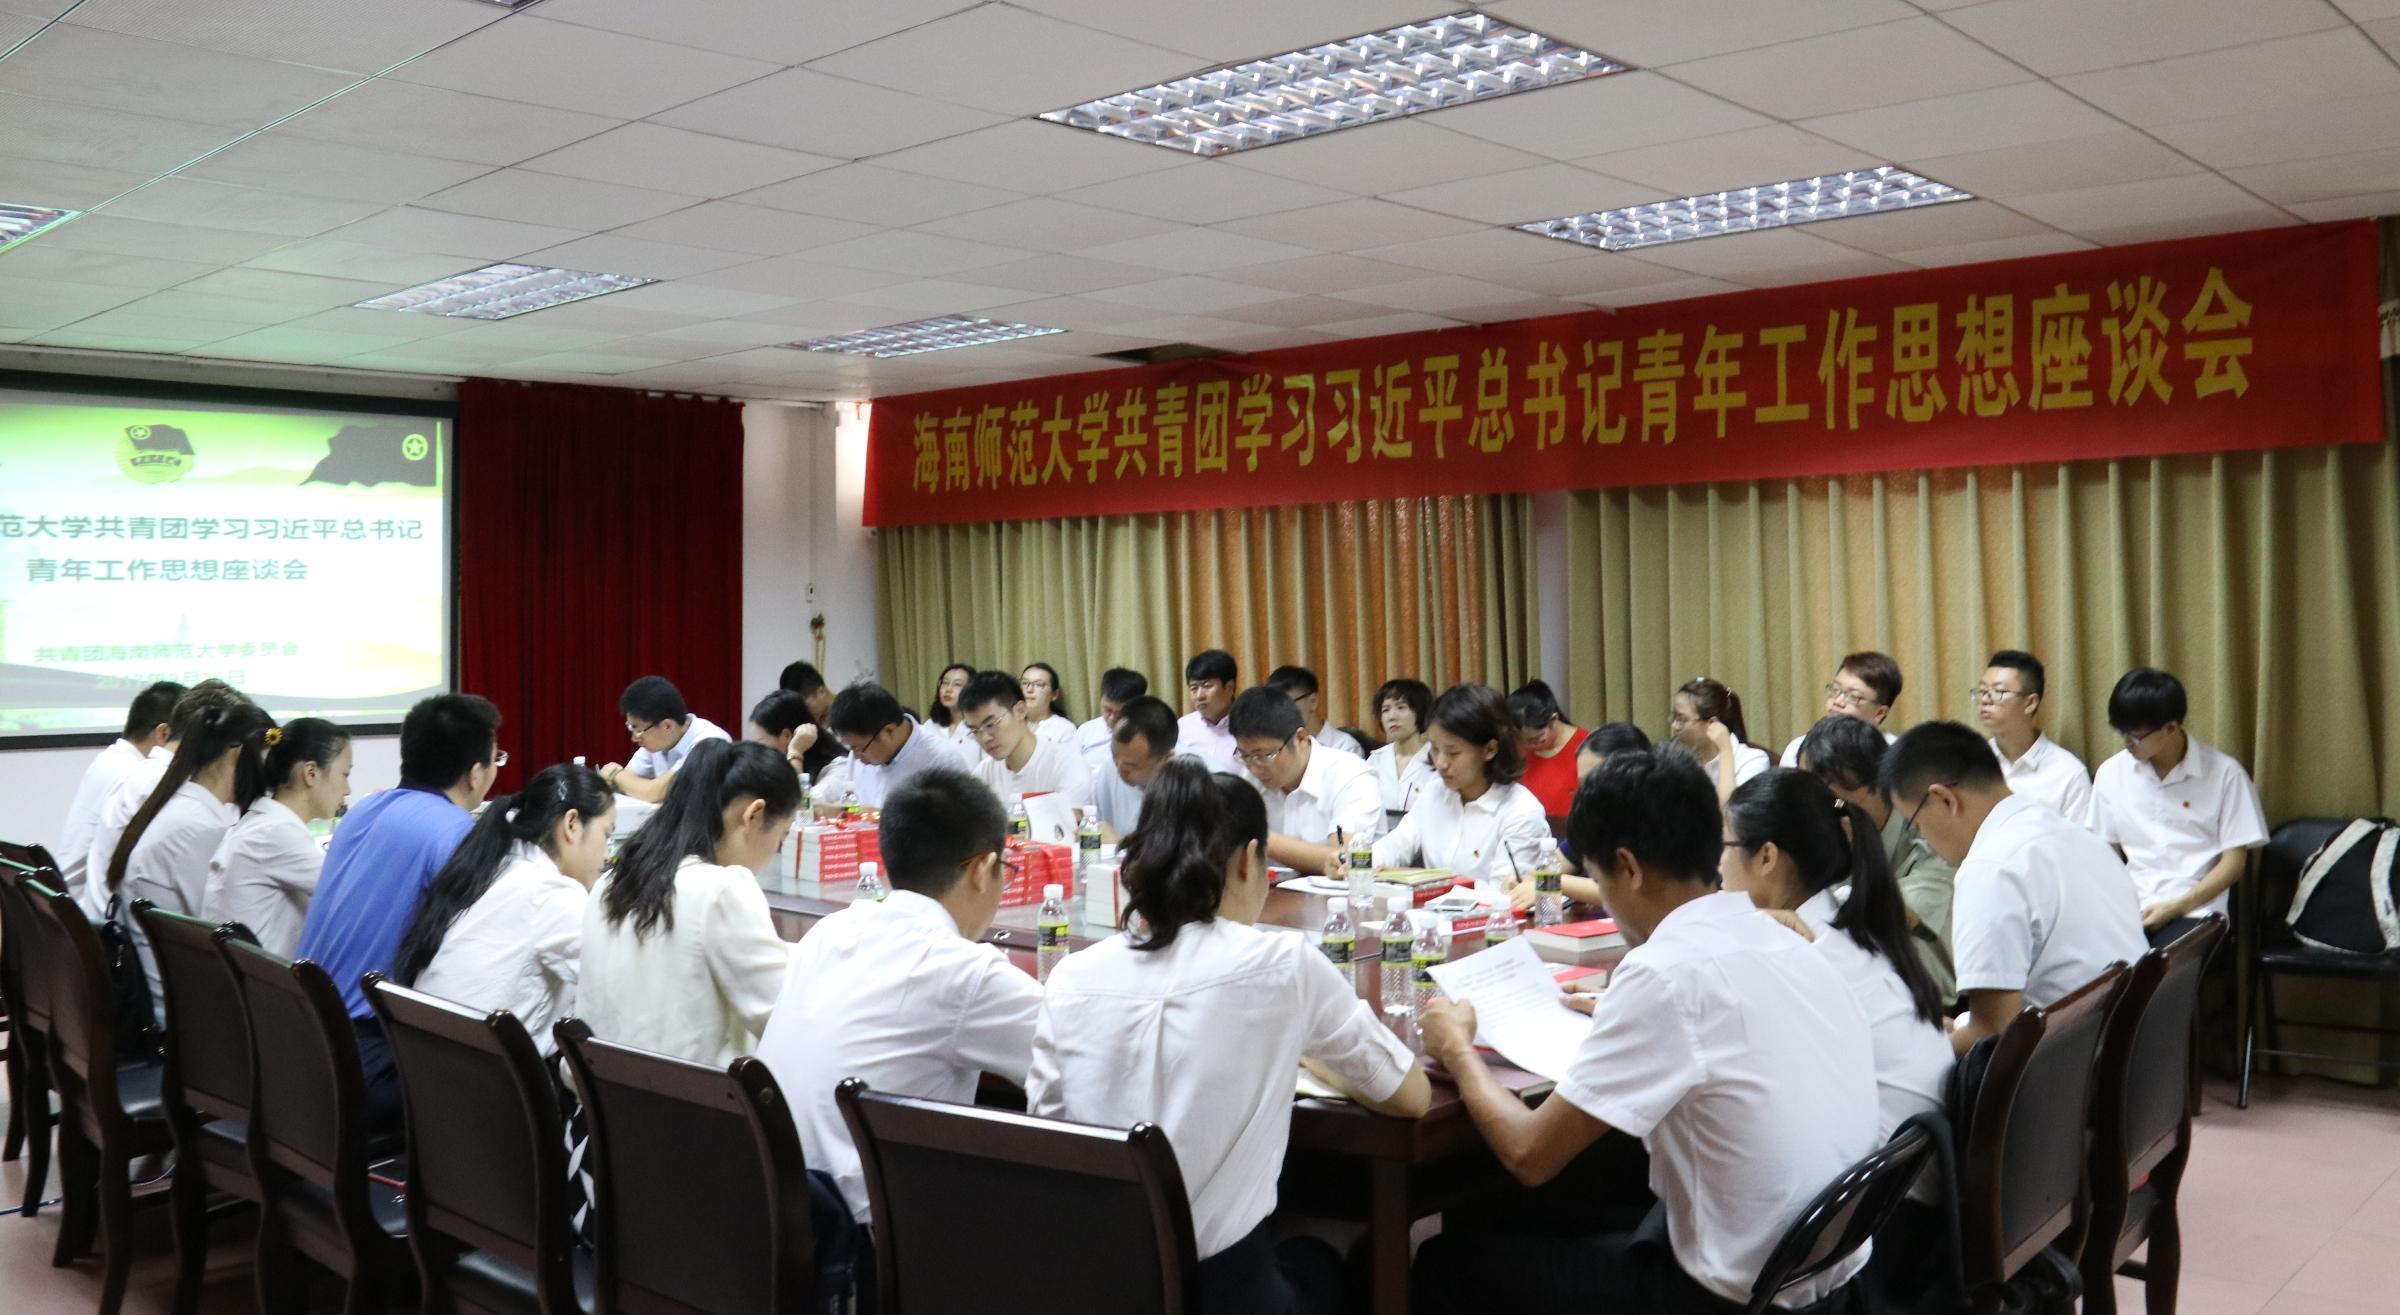 【喜迎十九大】我校共青团学习习近平总书记青年工作思想